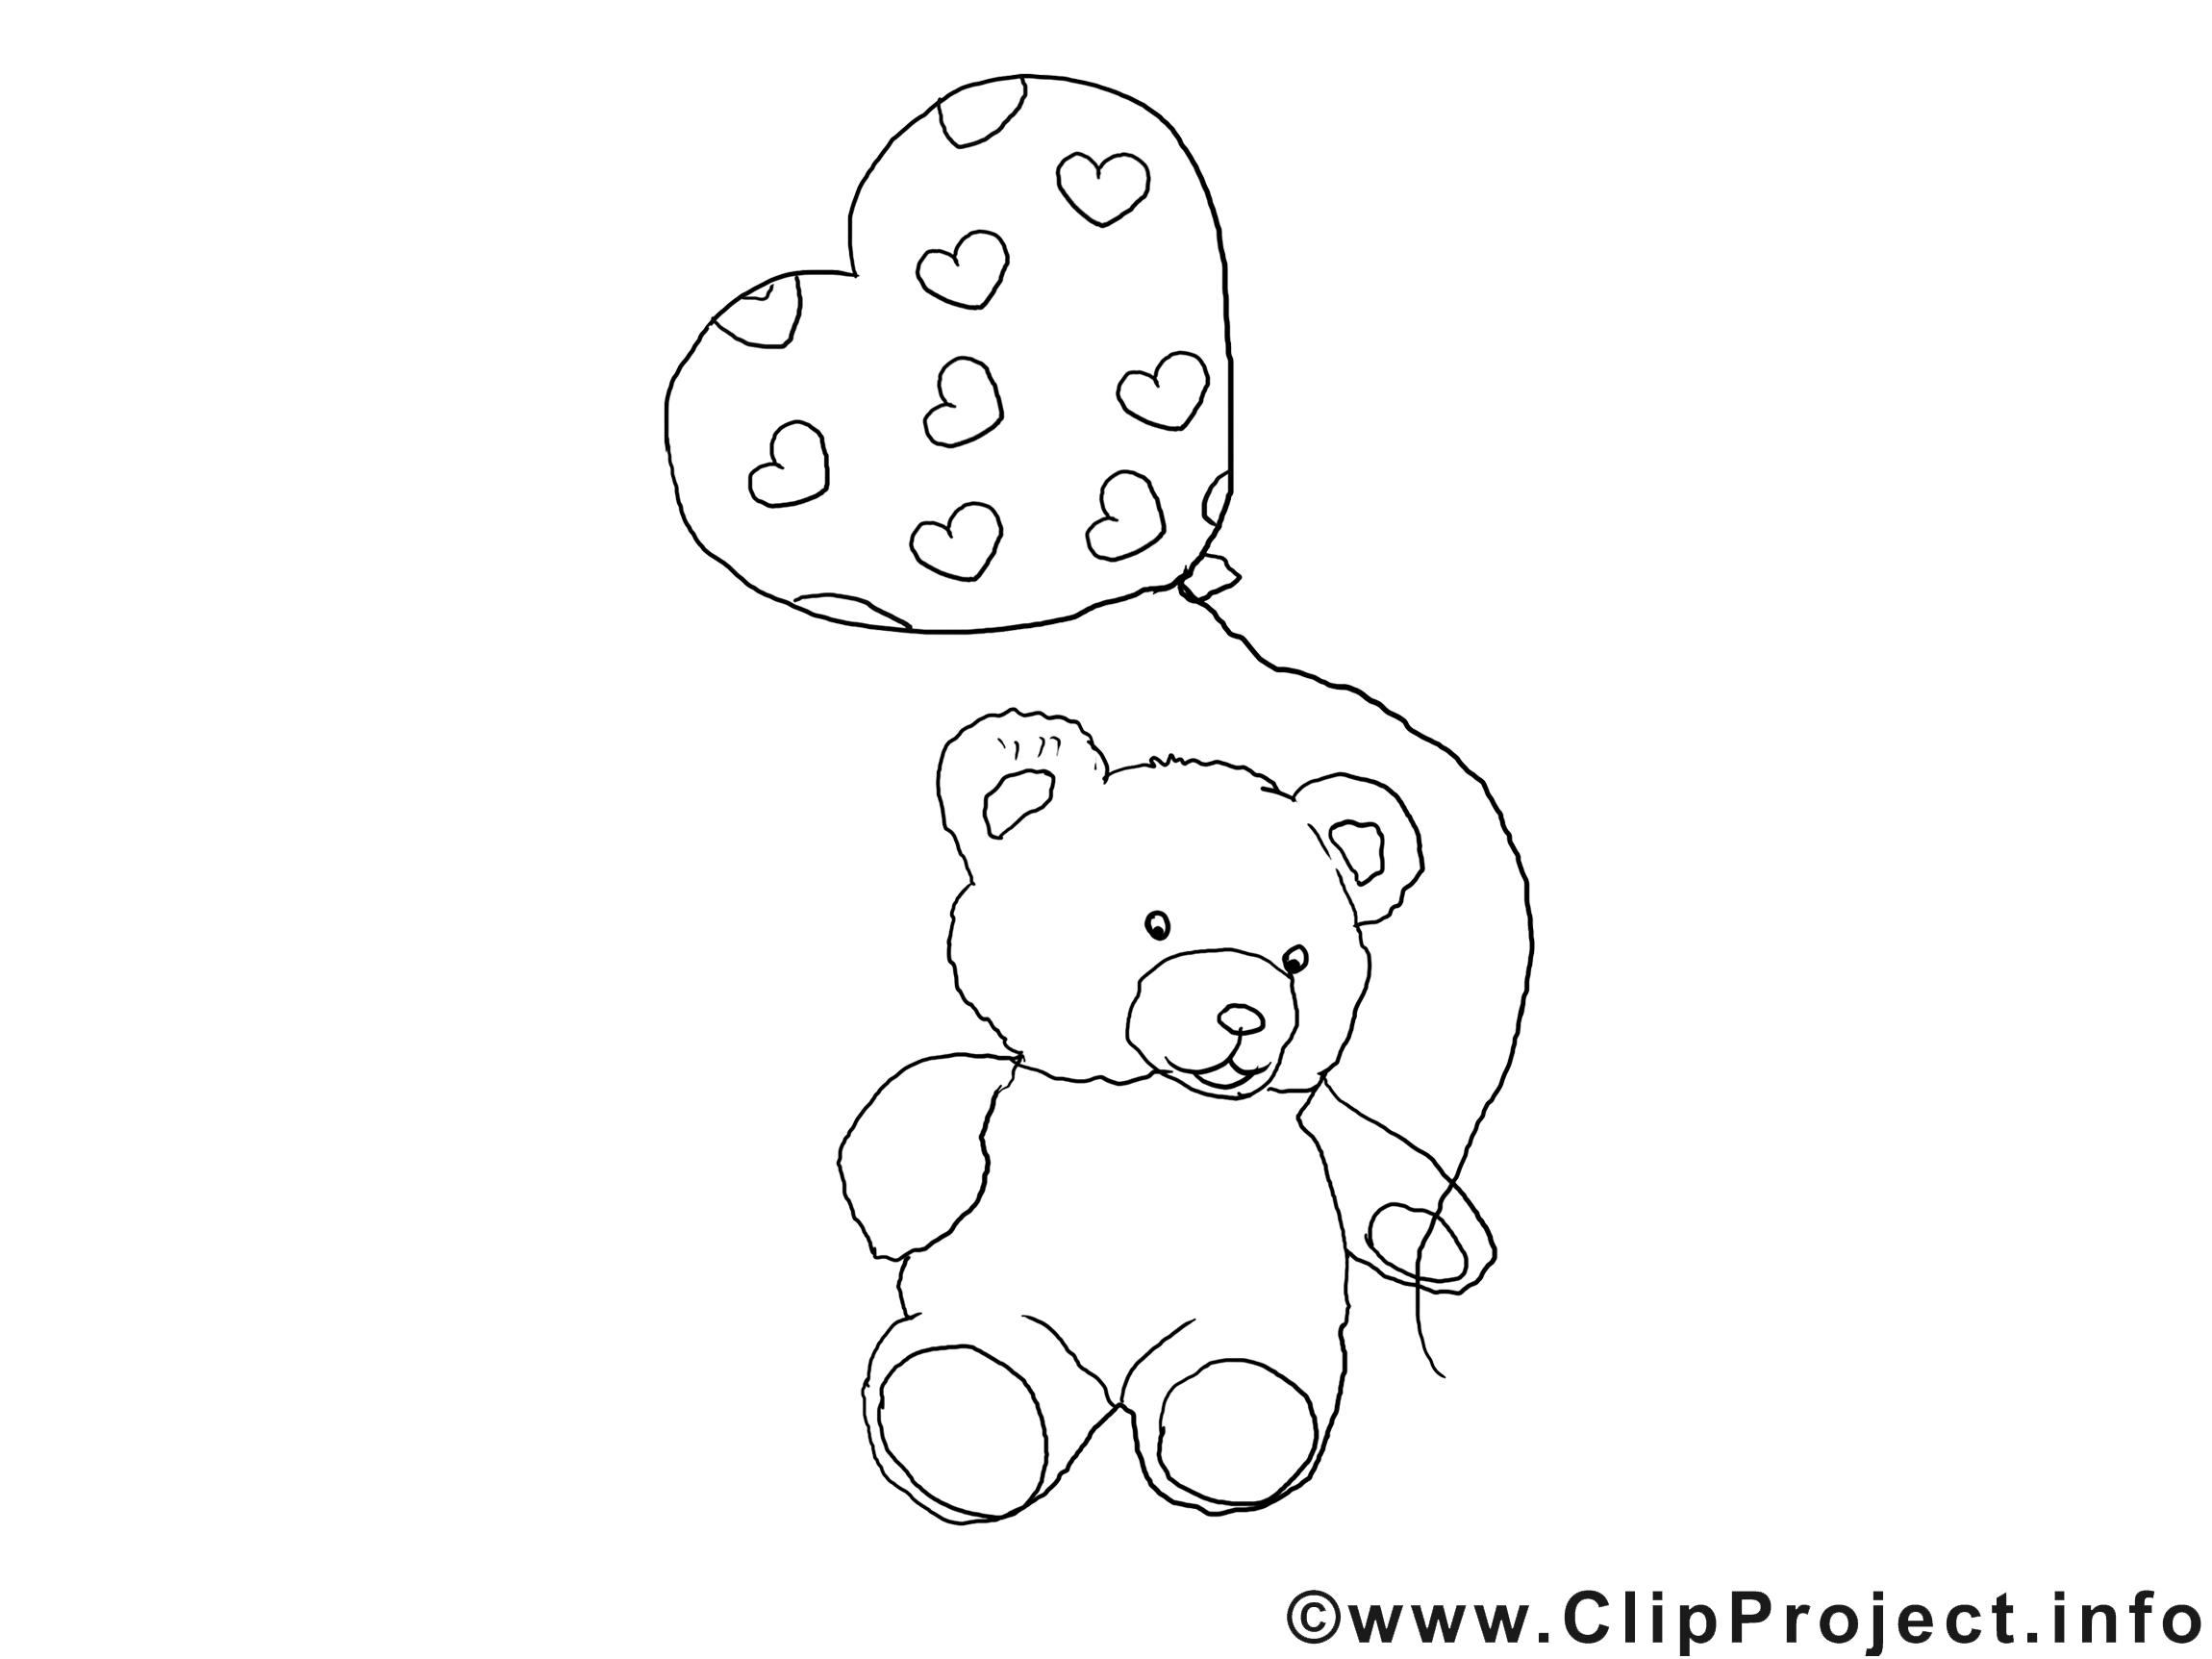 Malvorlage Teddy Mit Blume | Coloring And Malvorlagan für Teddybär Malvorlage